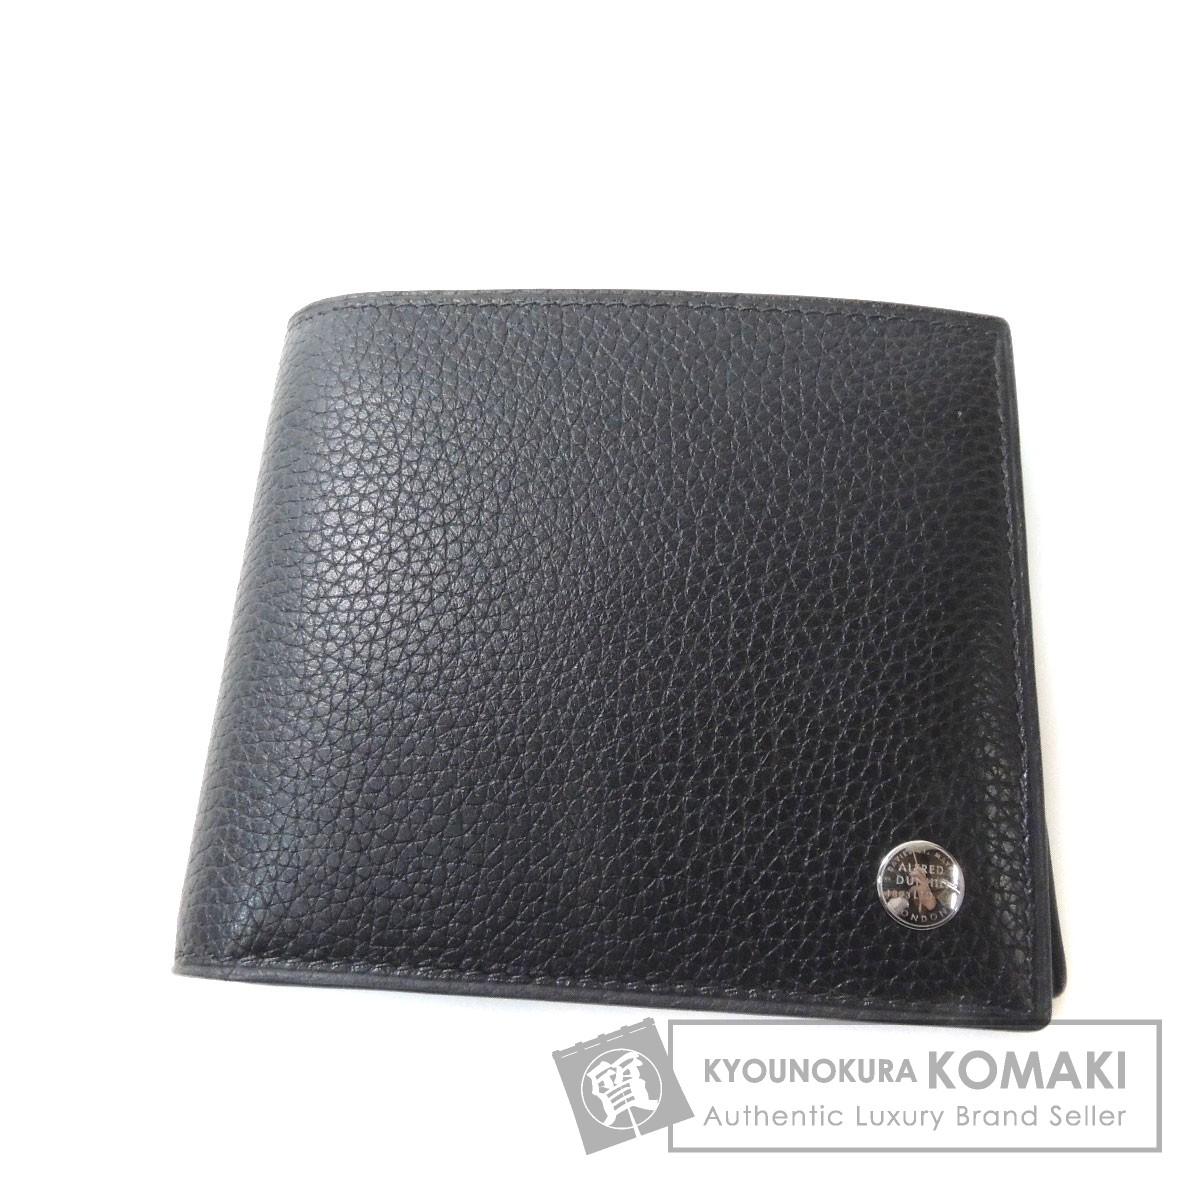 Dunhill L2W332A 二つ折り財布(小銭入れあり) レザー メンズ 【中古】【ダンヒル】